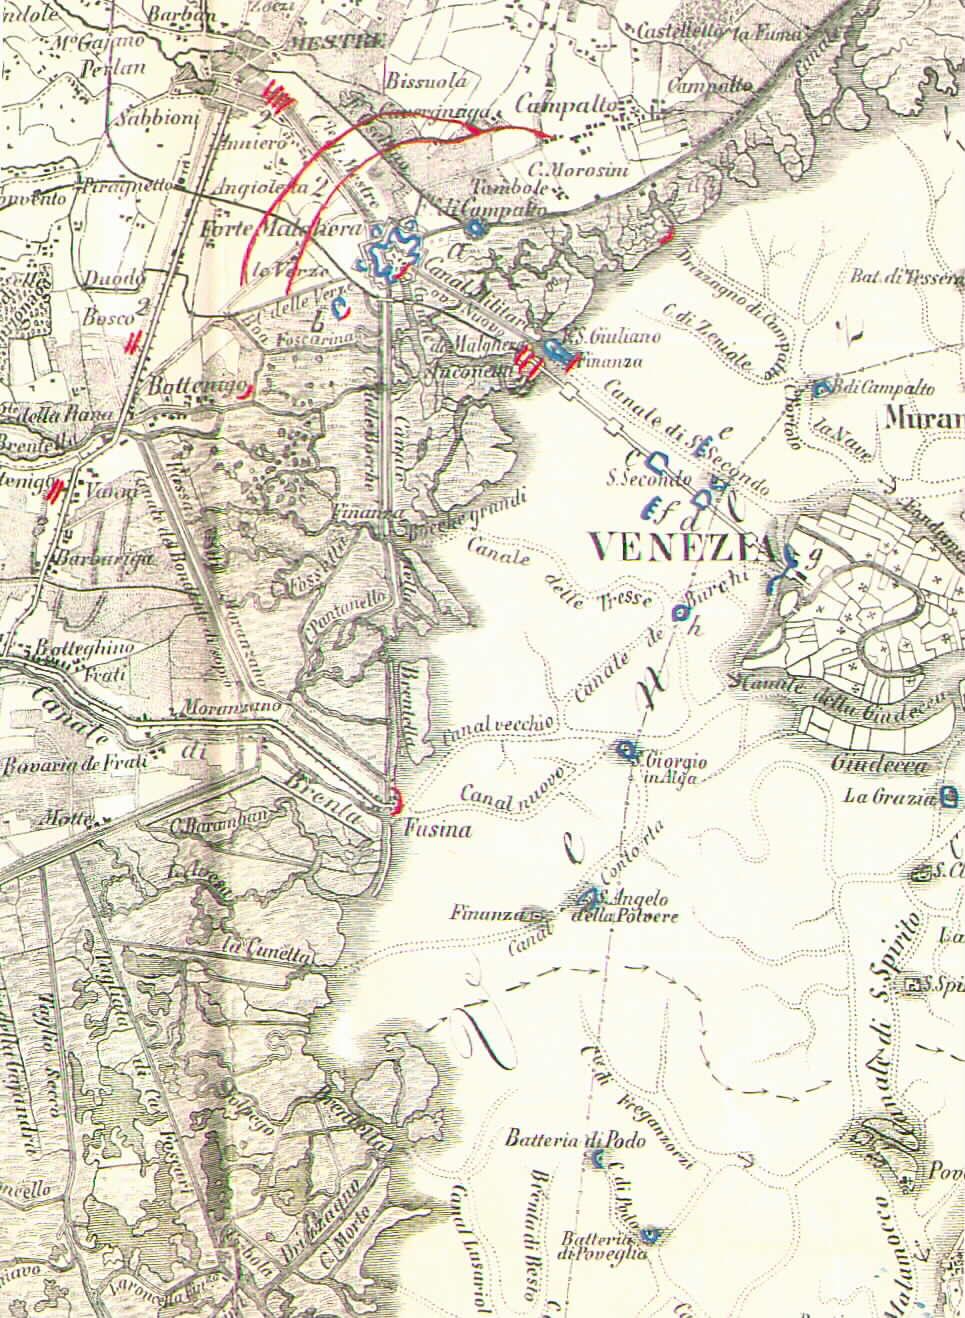 Schieramenti Austriaci (in rosso) e Veneziani repubblicani (in azzurro) nella battaglia di Forte Marghera